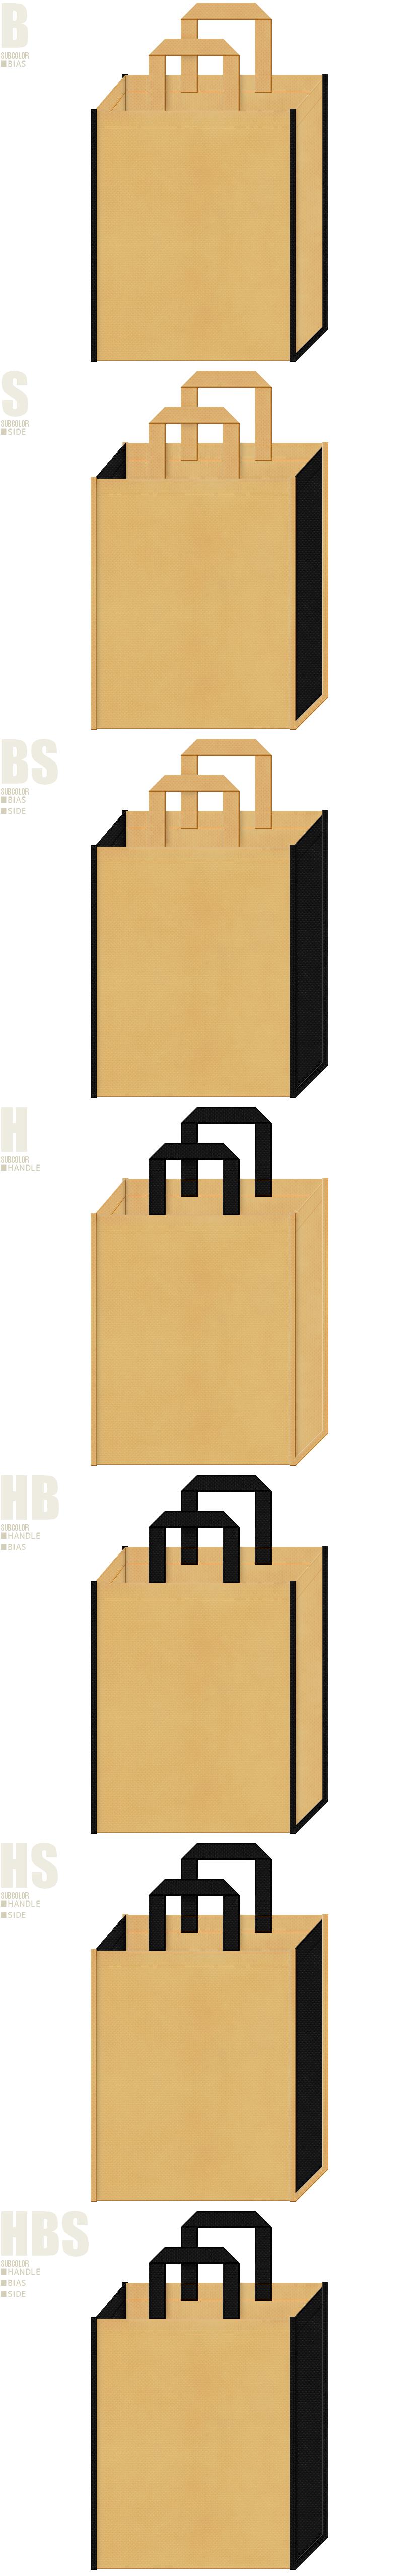 薄黄土色と黒色、7パターンの不織布トートバッグ配色デザイン例。お城イベントにお奨めです。